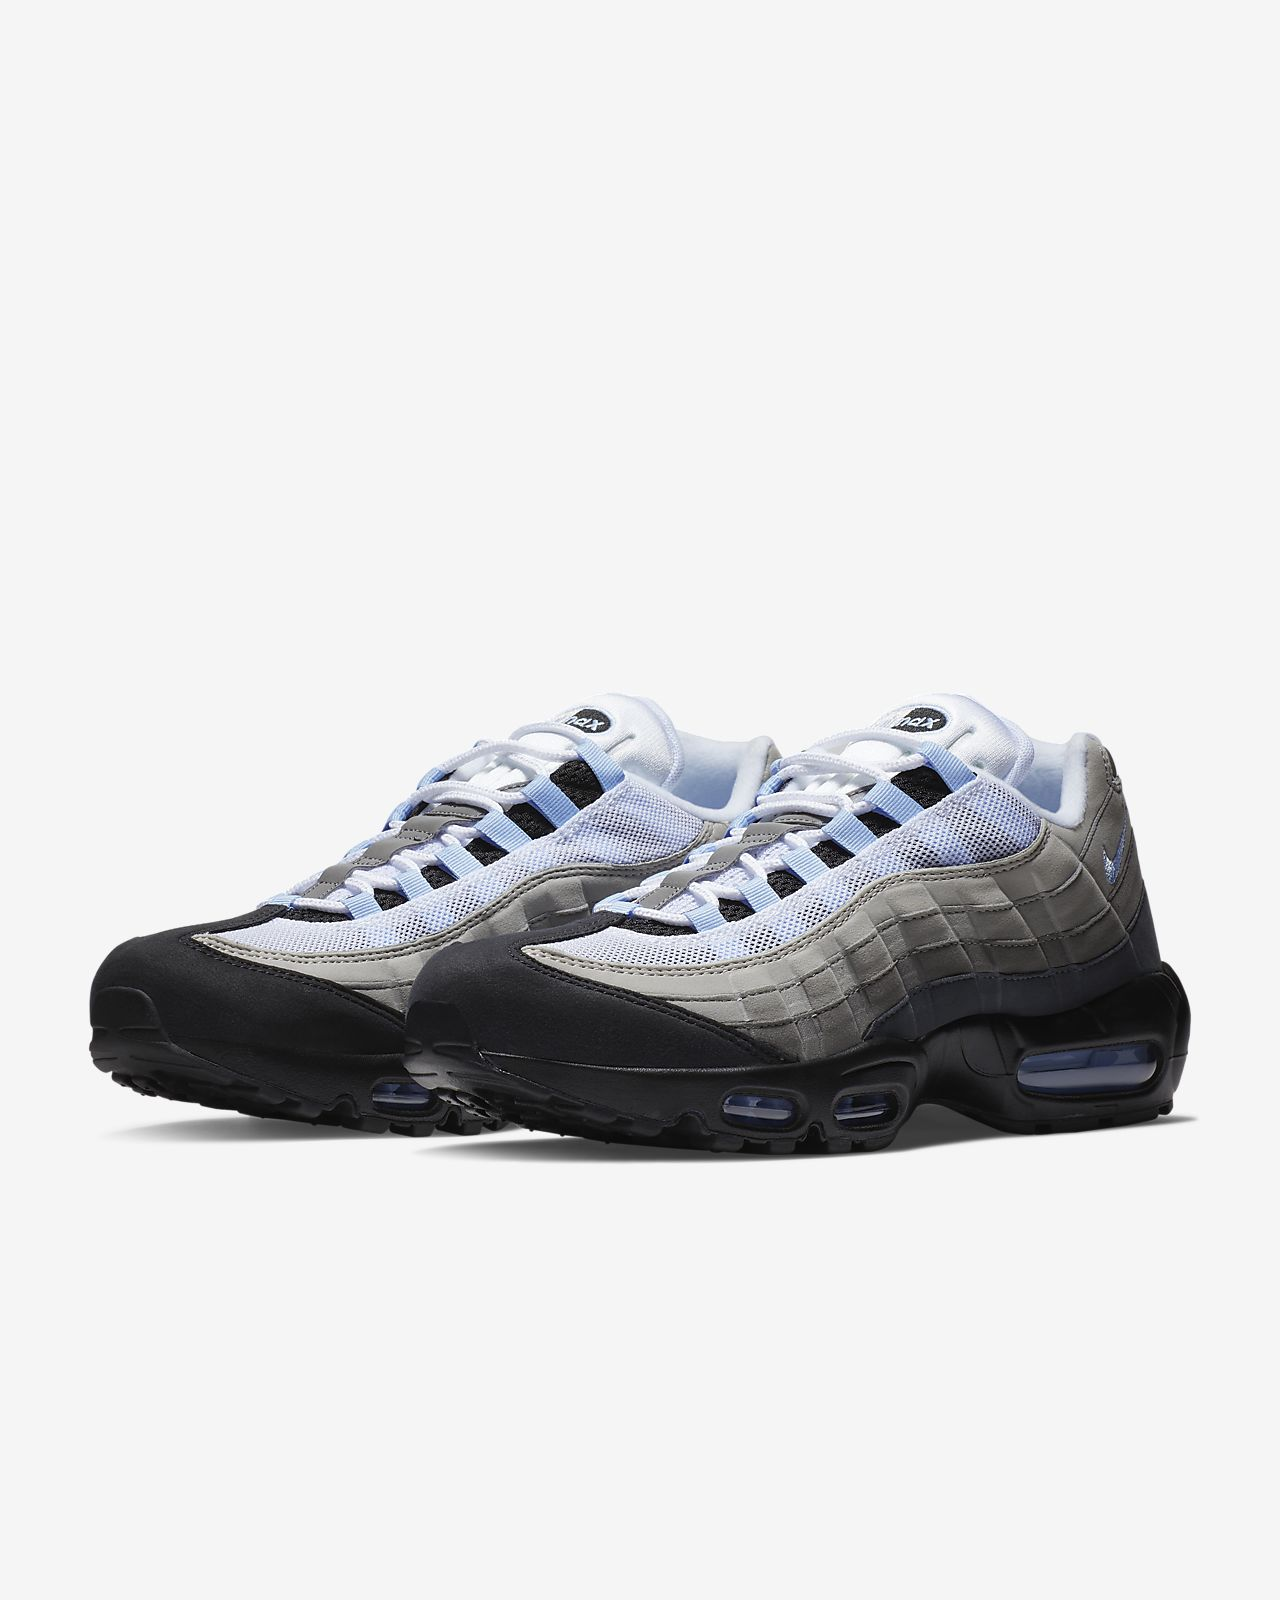 competitive price e8279 6b984 ... Calzado para hombre Nike Air Max 95